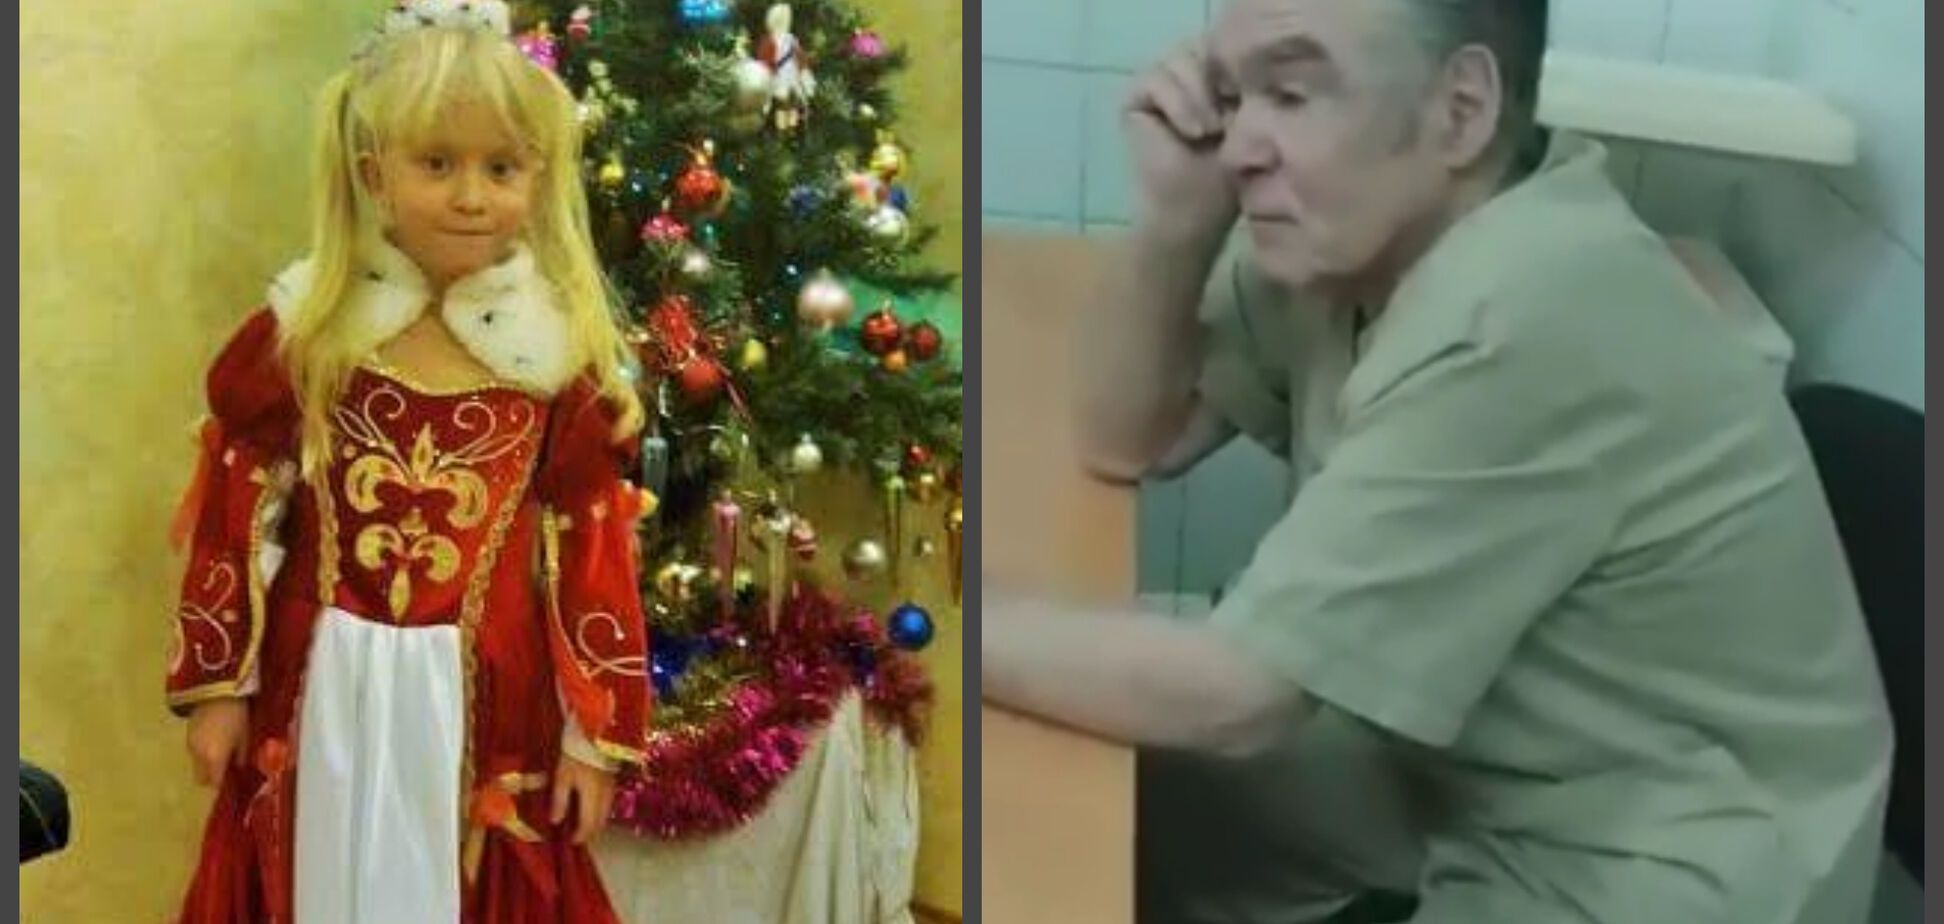 'Хирург вдрабадан': шокирующие подробности скандала в детской больнице под Киевом